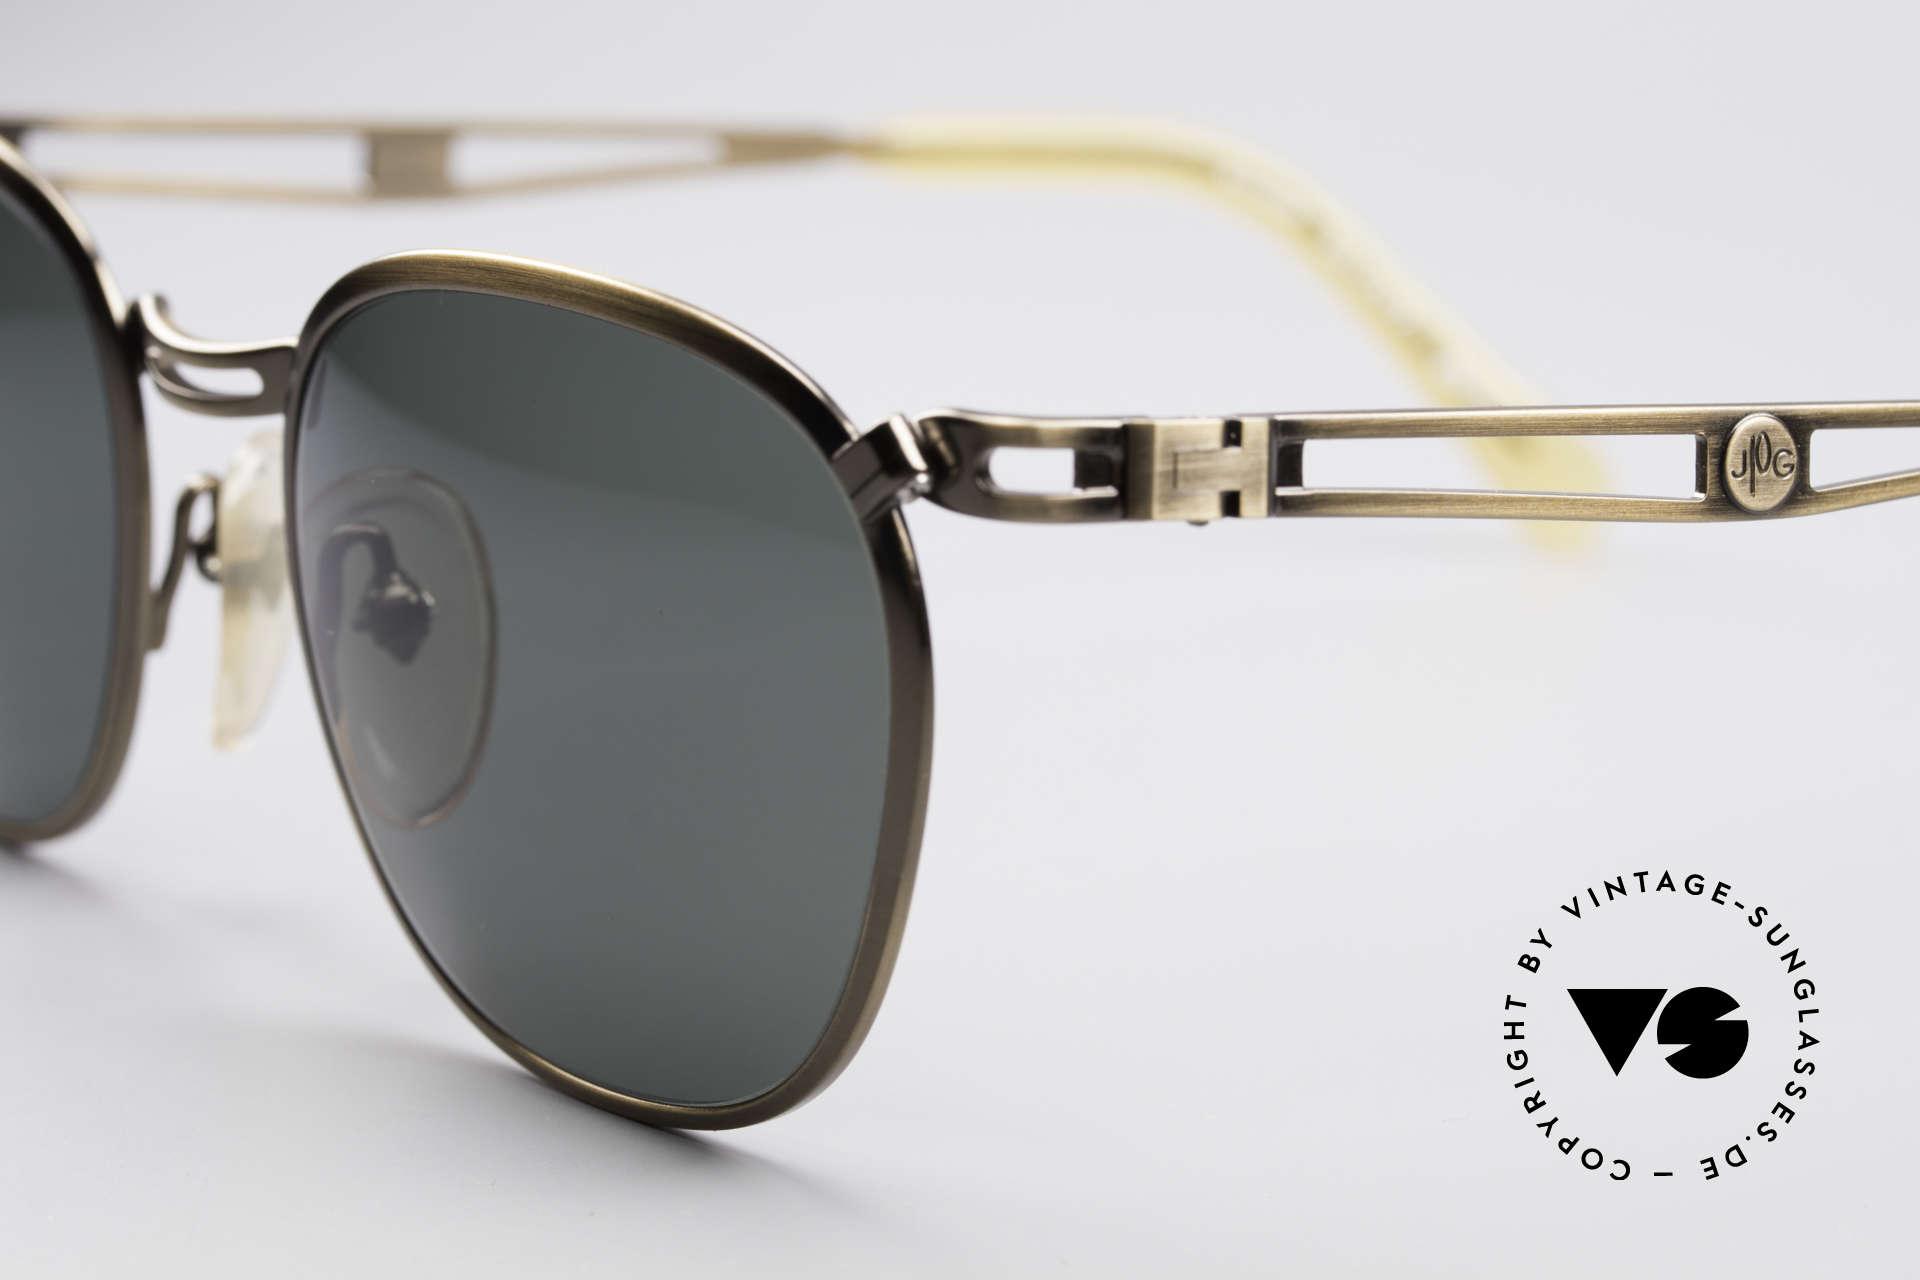 Jean Paul Gaultier 56-2177 90's Designer Sunglasses, brushed brass frame & dark green-gray sun lenses, Made for Men and Women